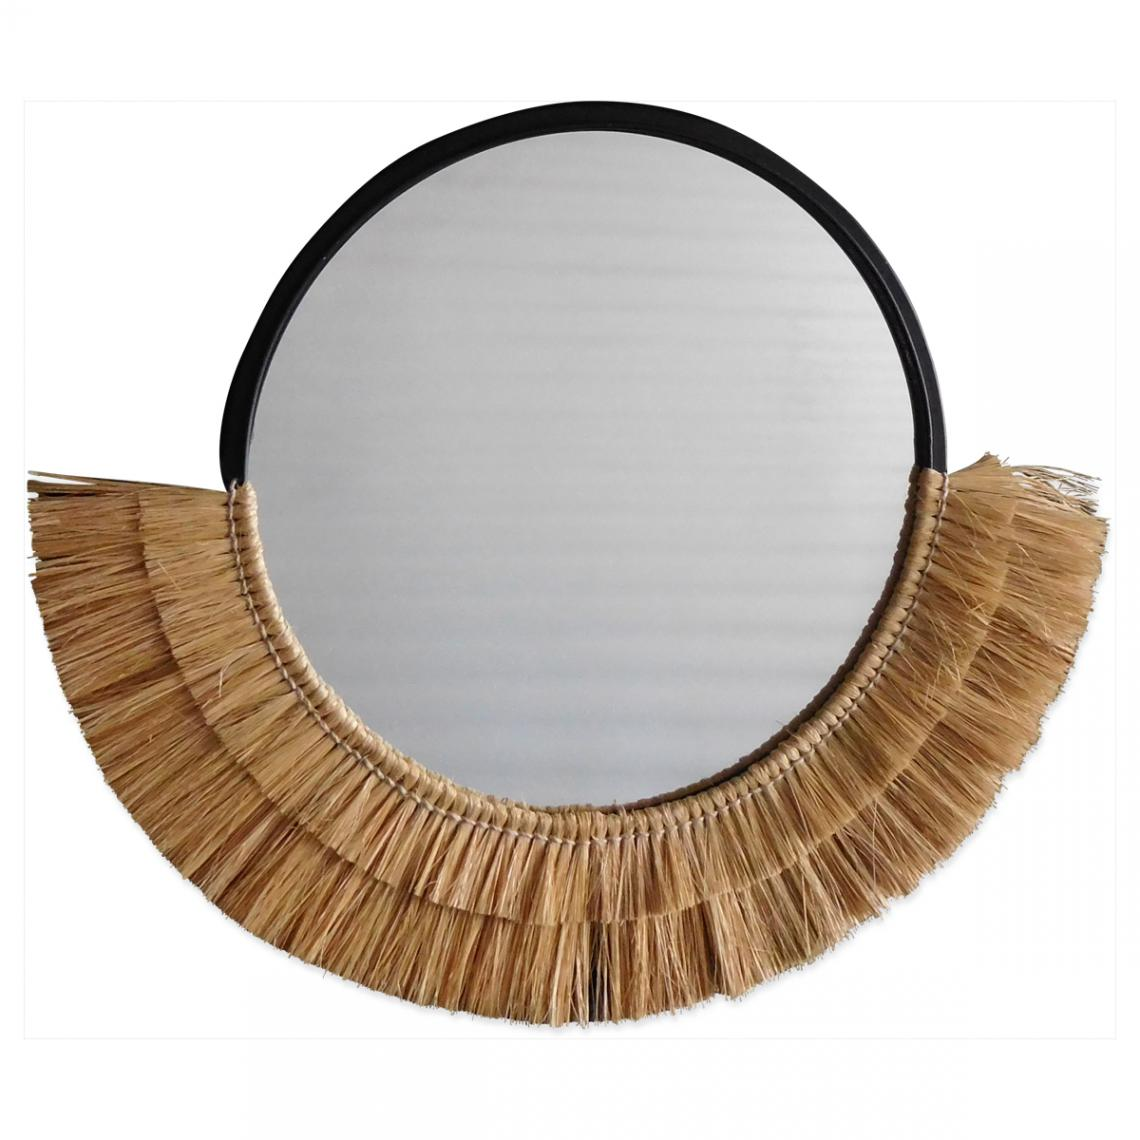 miroir rond demi lune en fibres nturelles nurli